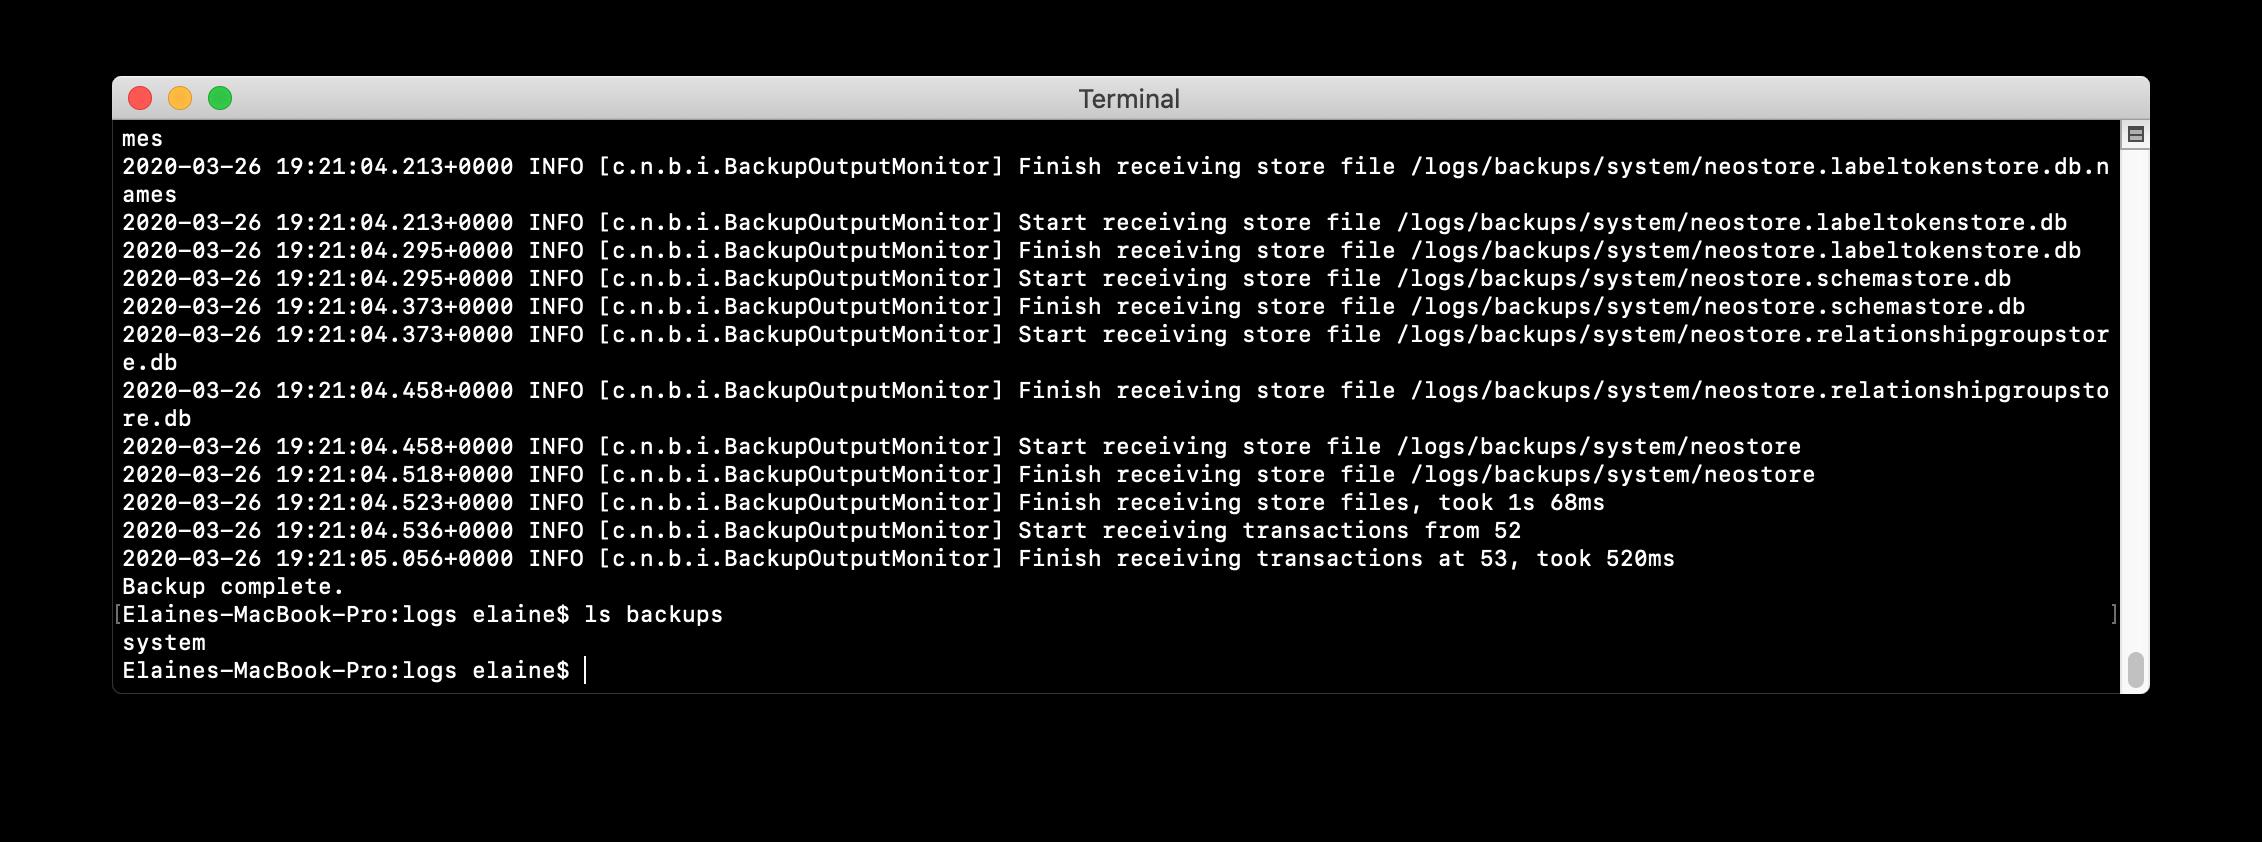 BackupSystemDocker